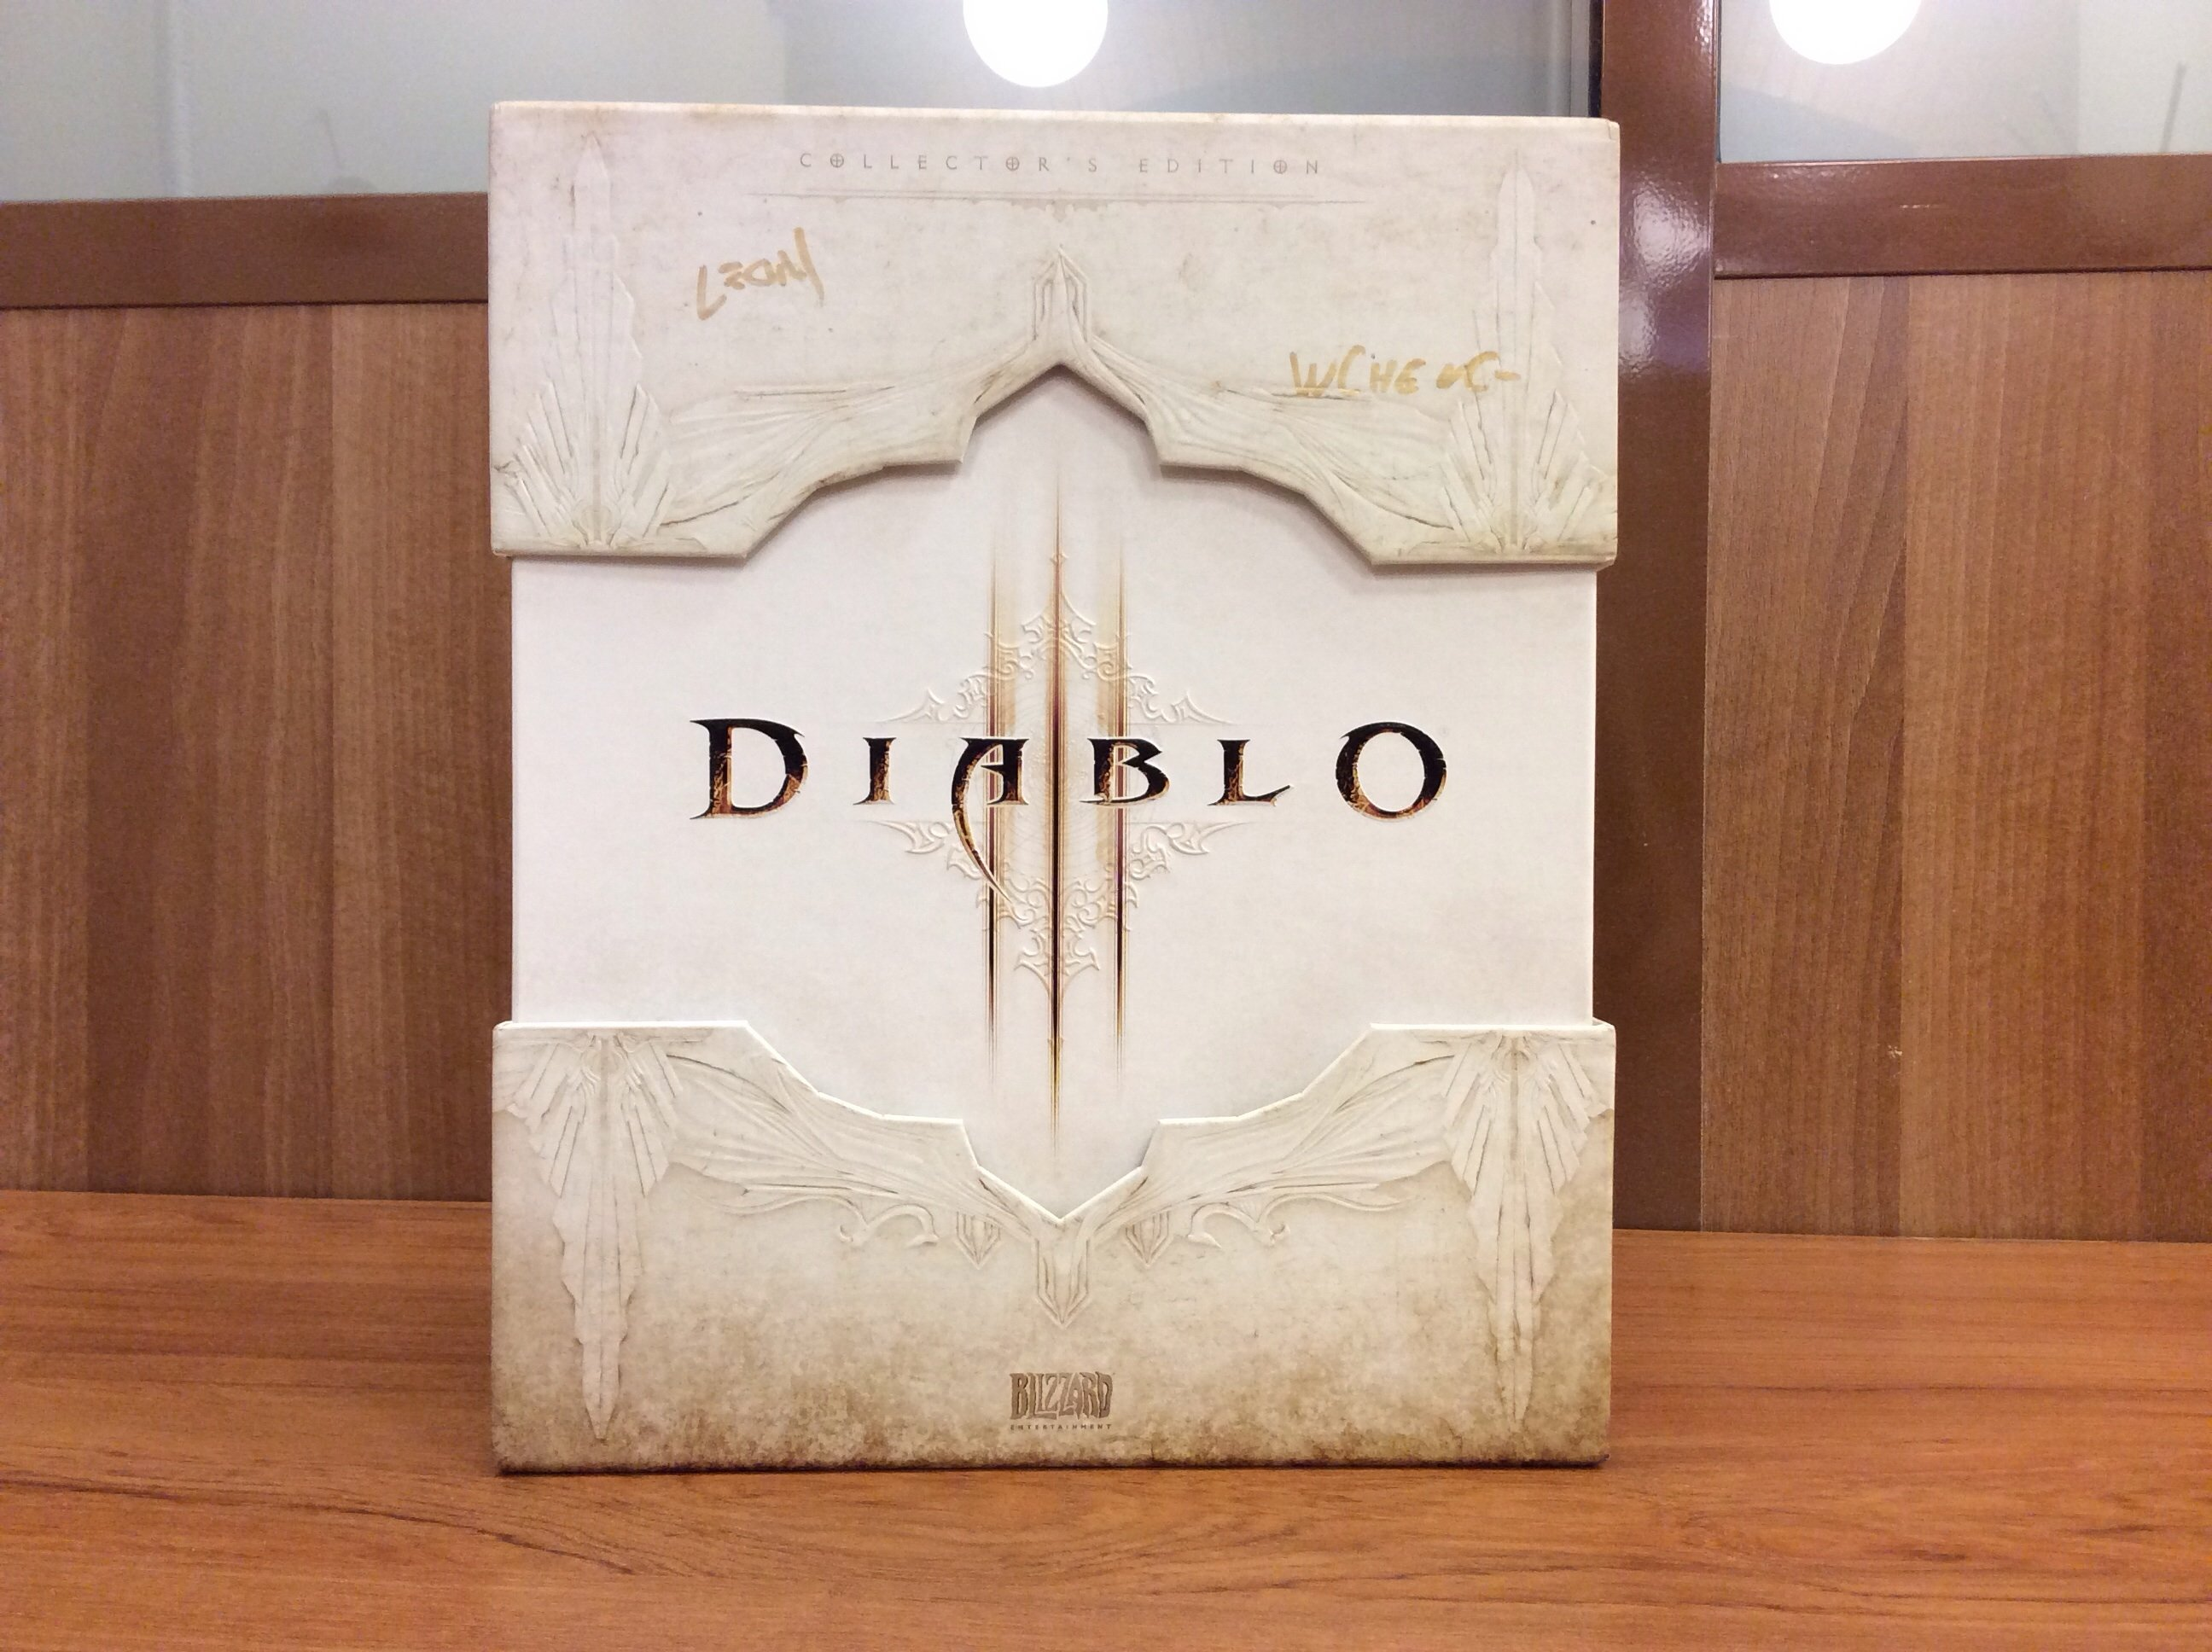 Коллекционке Diablo с автографами Уайатта Ченга (старший технический гейм-дизайнер) и Леонарда Боярского (ведущий  ... - Изображение 1